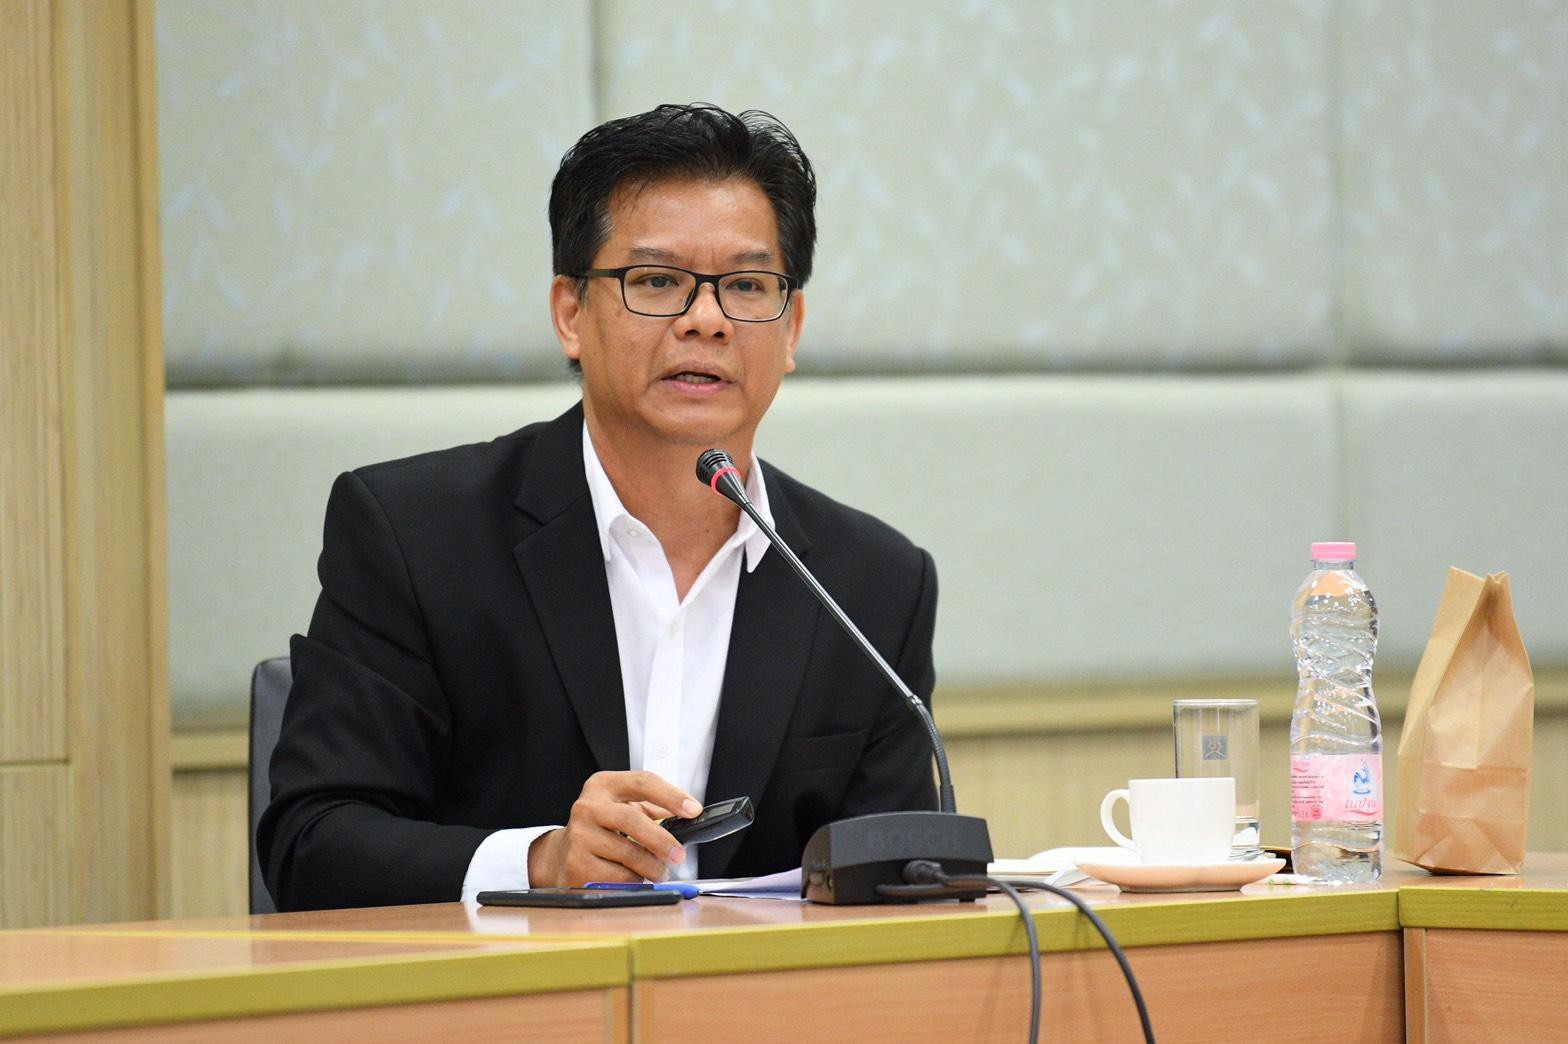 ขับเคลื่อนธรรมนูญสุขภาพพระสงฆ์ ผู้นำสุขภาวะชุมชนและสังคม thaihealth